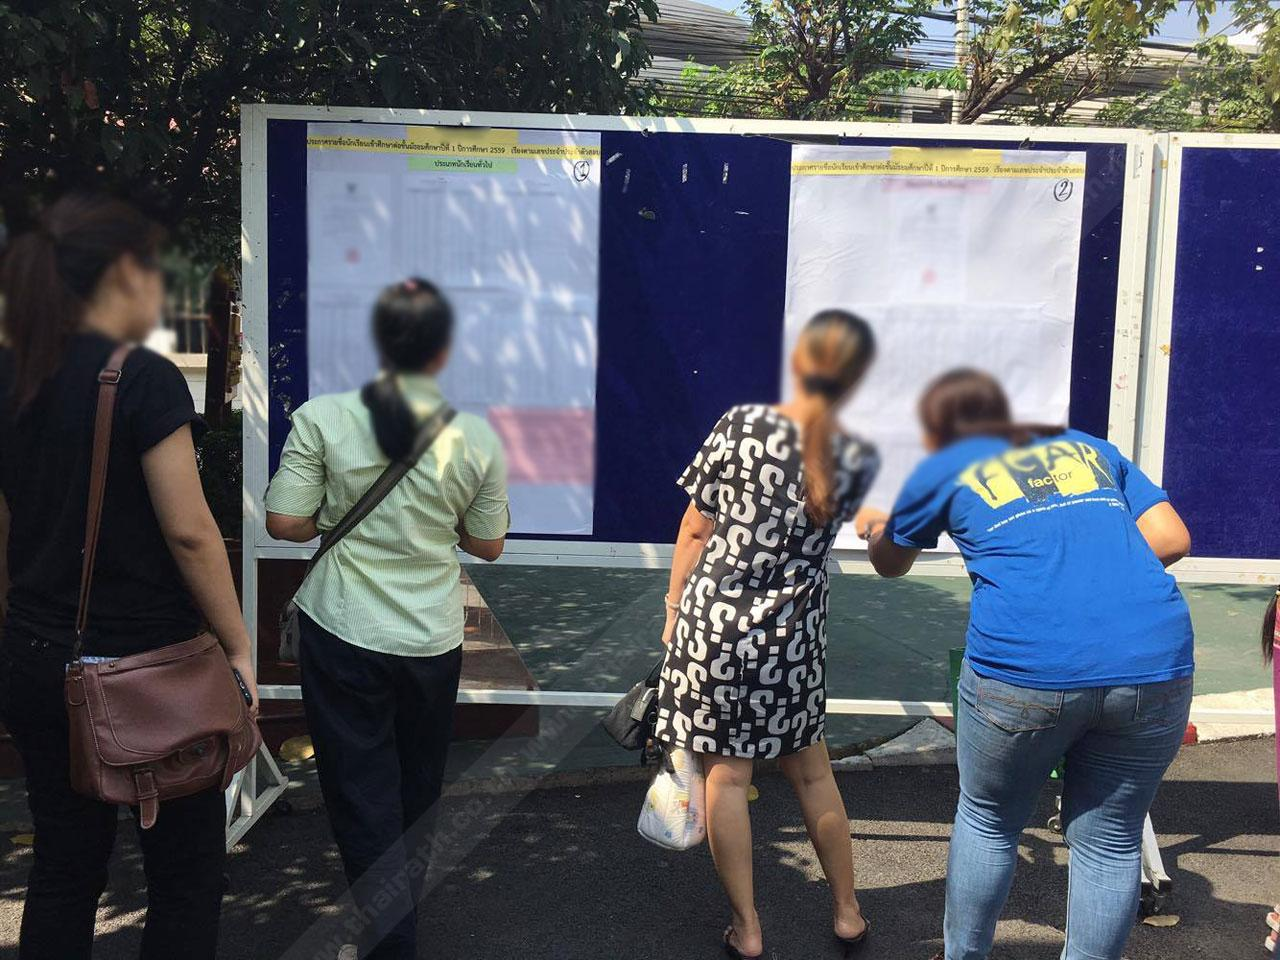 ปัญหาแป๊ะเจี๊ยะกลายเป็นปัญหาฝังรากลึกระบบการศึกษาไทย